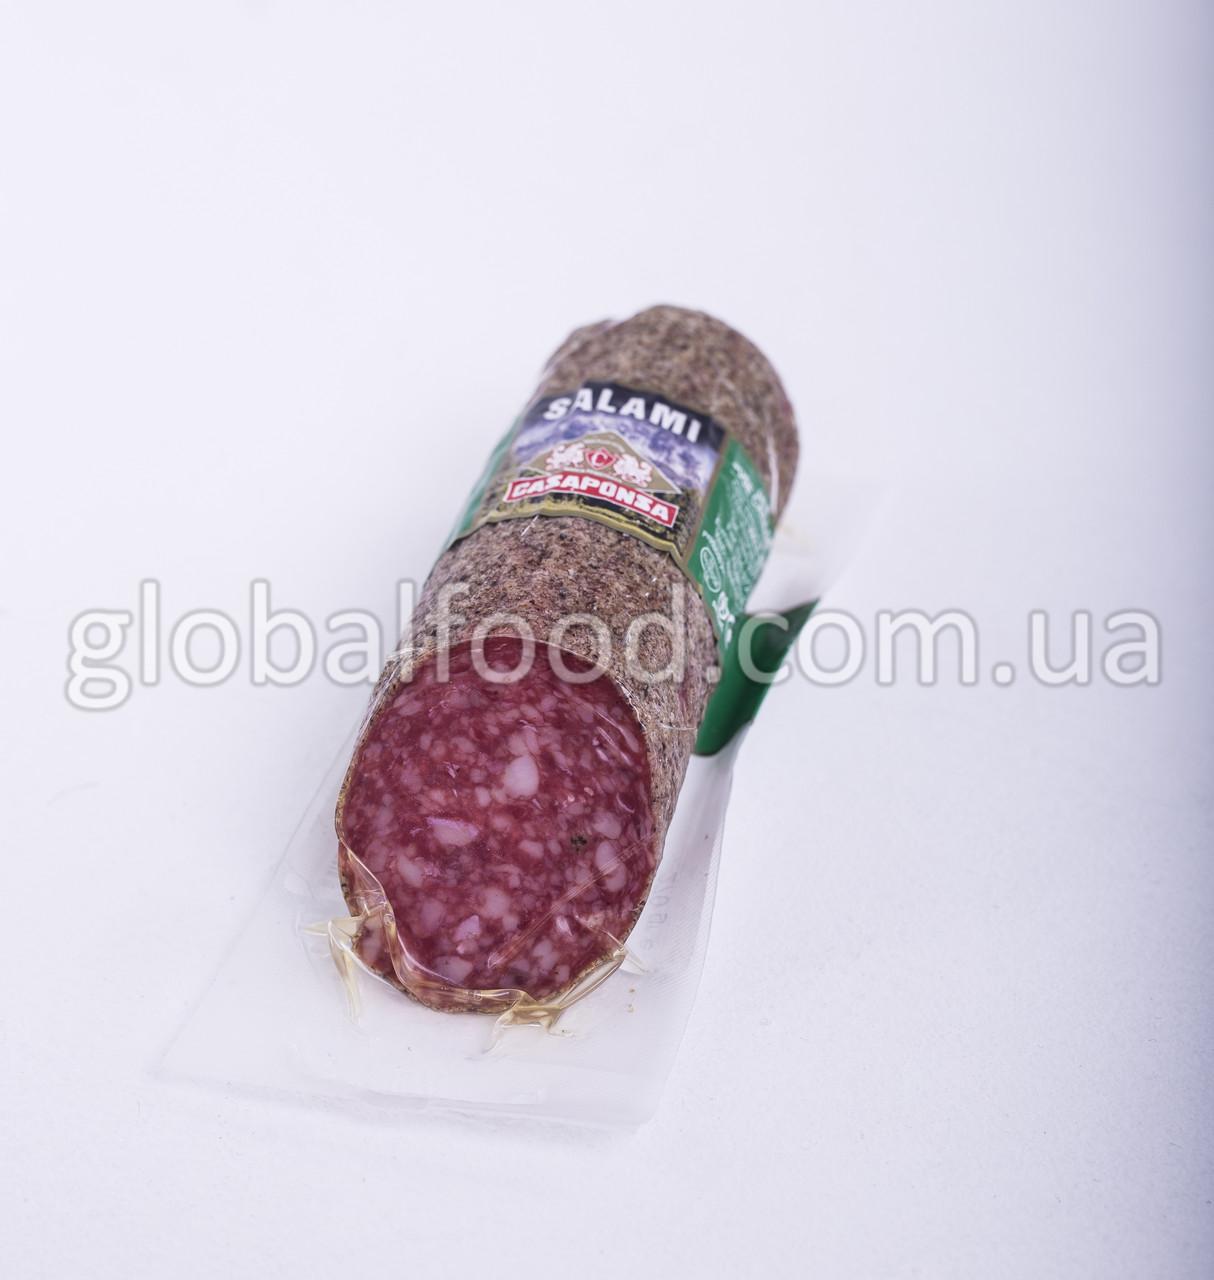 Колбаса Салями Мини с перцем в индивидуальной упаковке Salami CASAPONSA Испания  270г/шт свин.